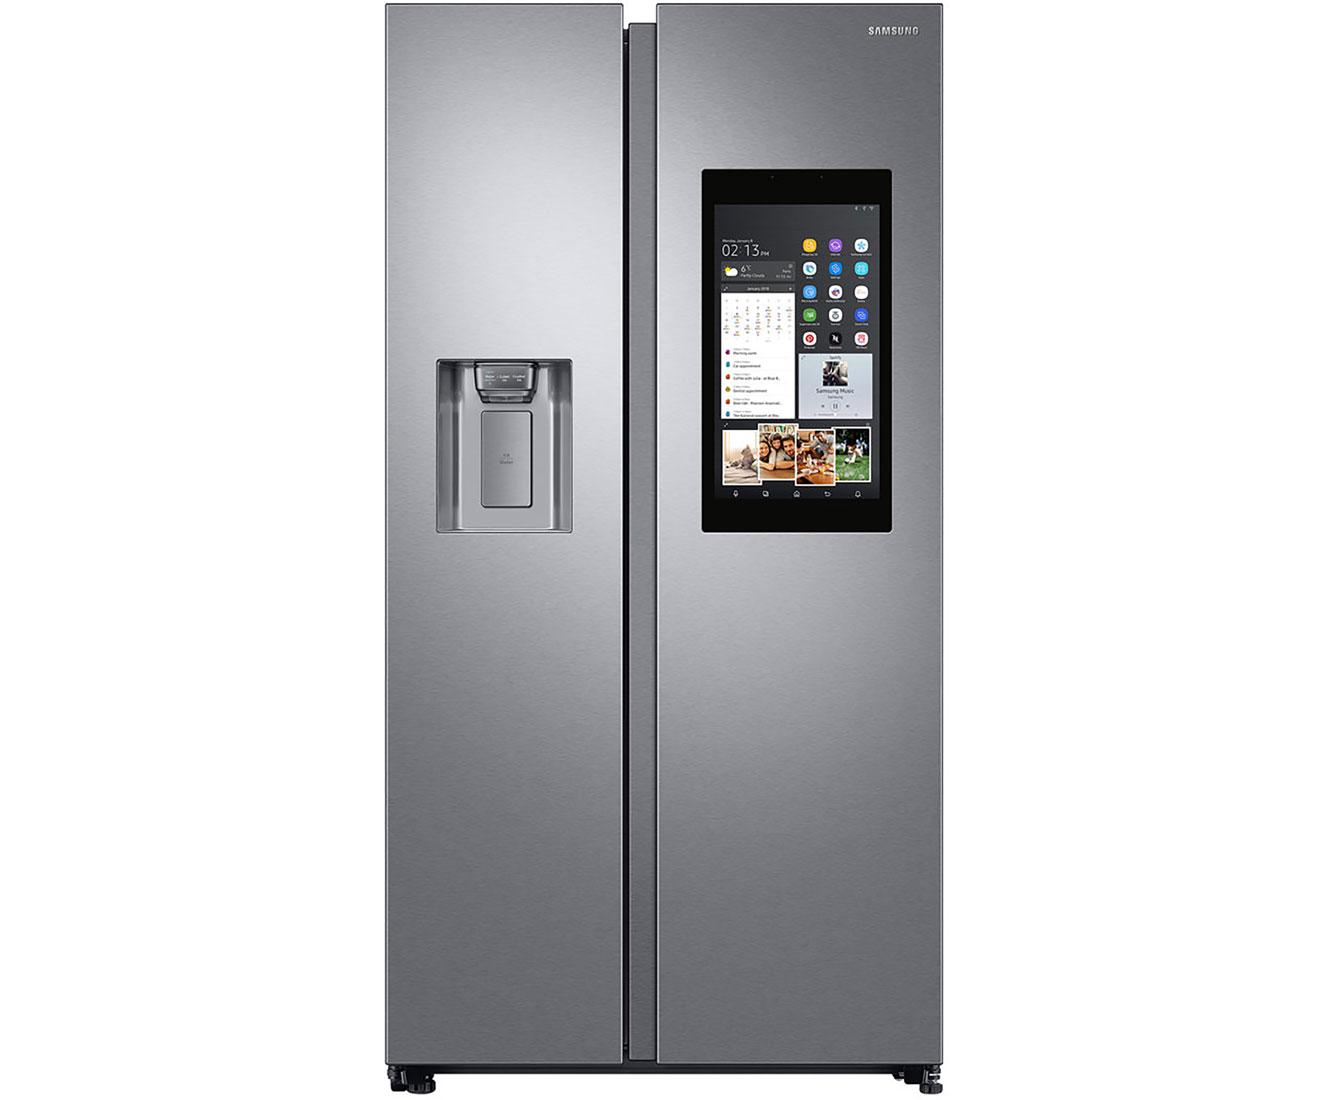 Amerikanischer Kühlschrank Defekt : Samsung side by side kühlschrank display defekt